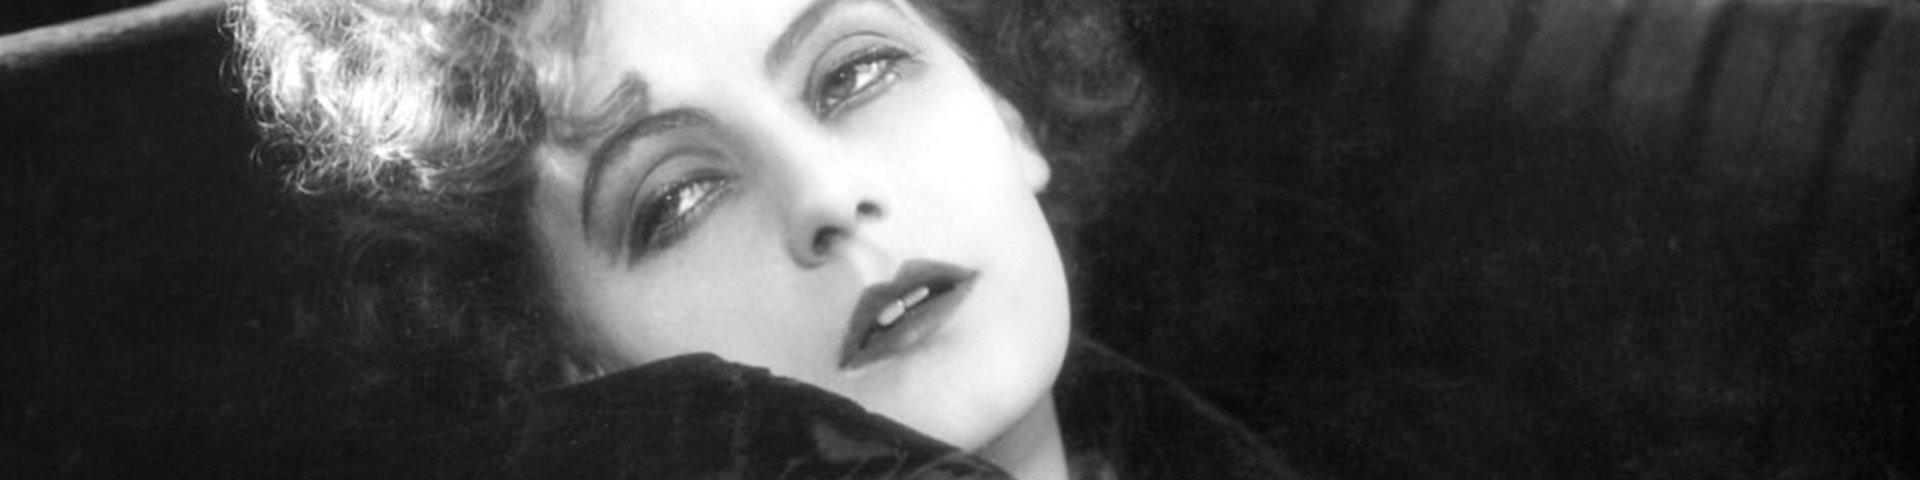 """""""Bajo la máscara del placer"""" (1925) de G. W. Pabst"""